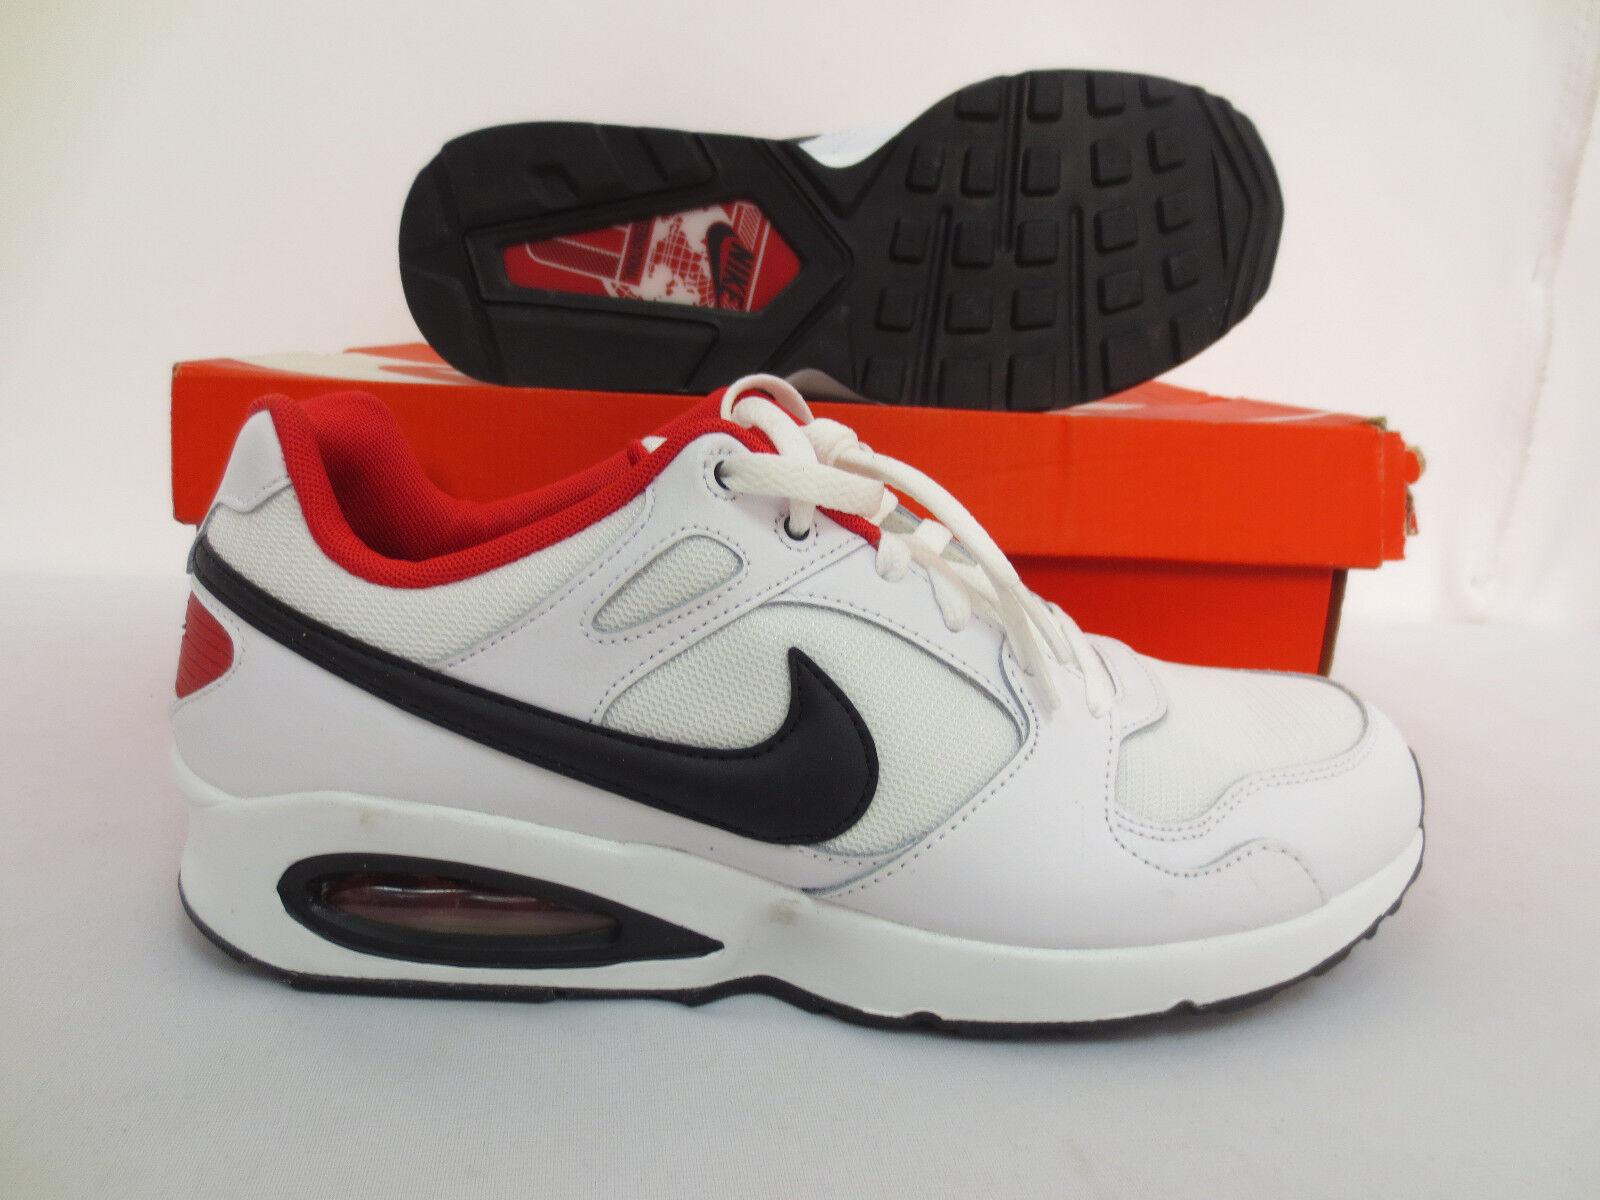 Nike air max kolosseum racer 555423 größe 11 schuhe turnschuhe 555423 racer 102 neue mode cool ec9939